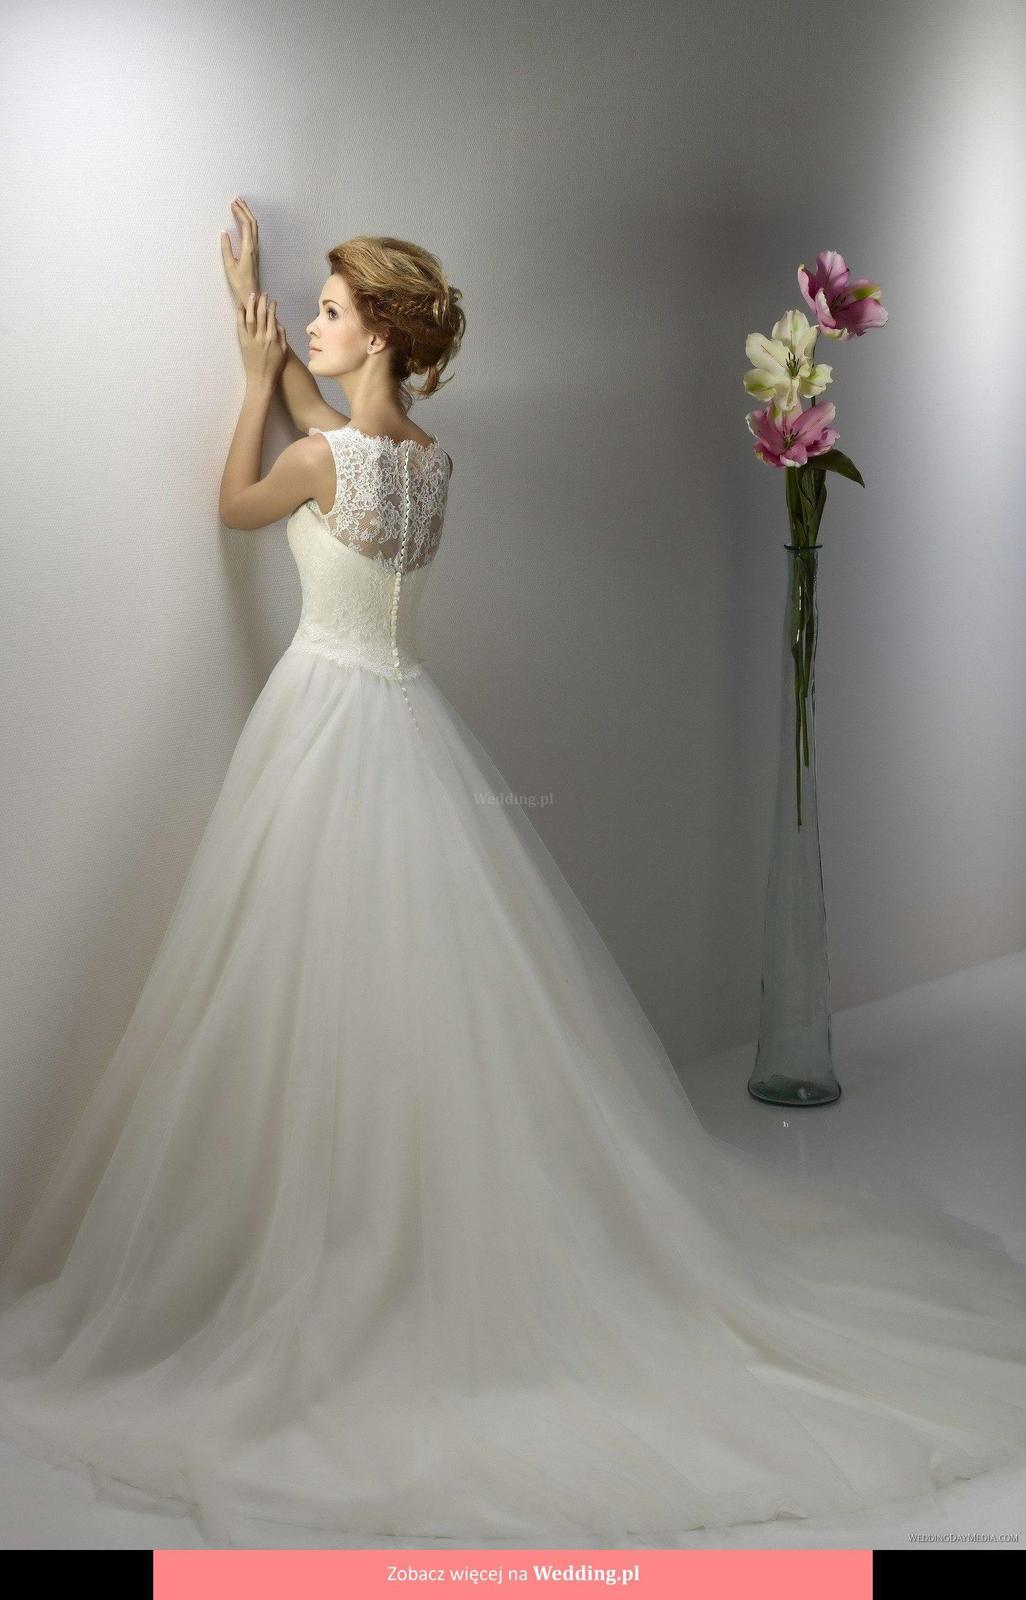 Svadobné šaty a iné doplnky na predaj  - Obrázok č. 1